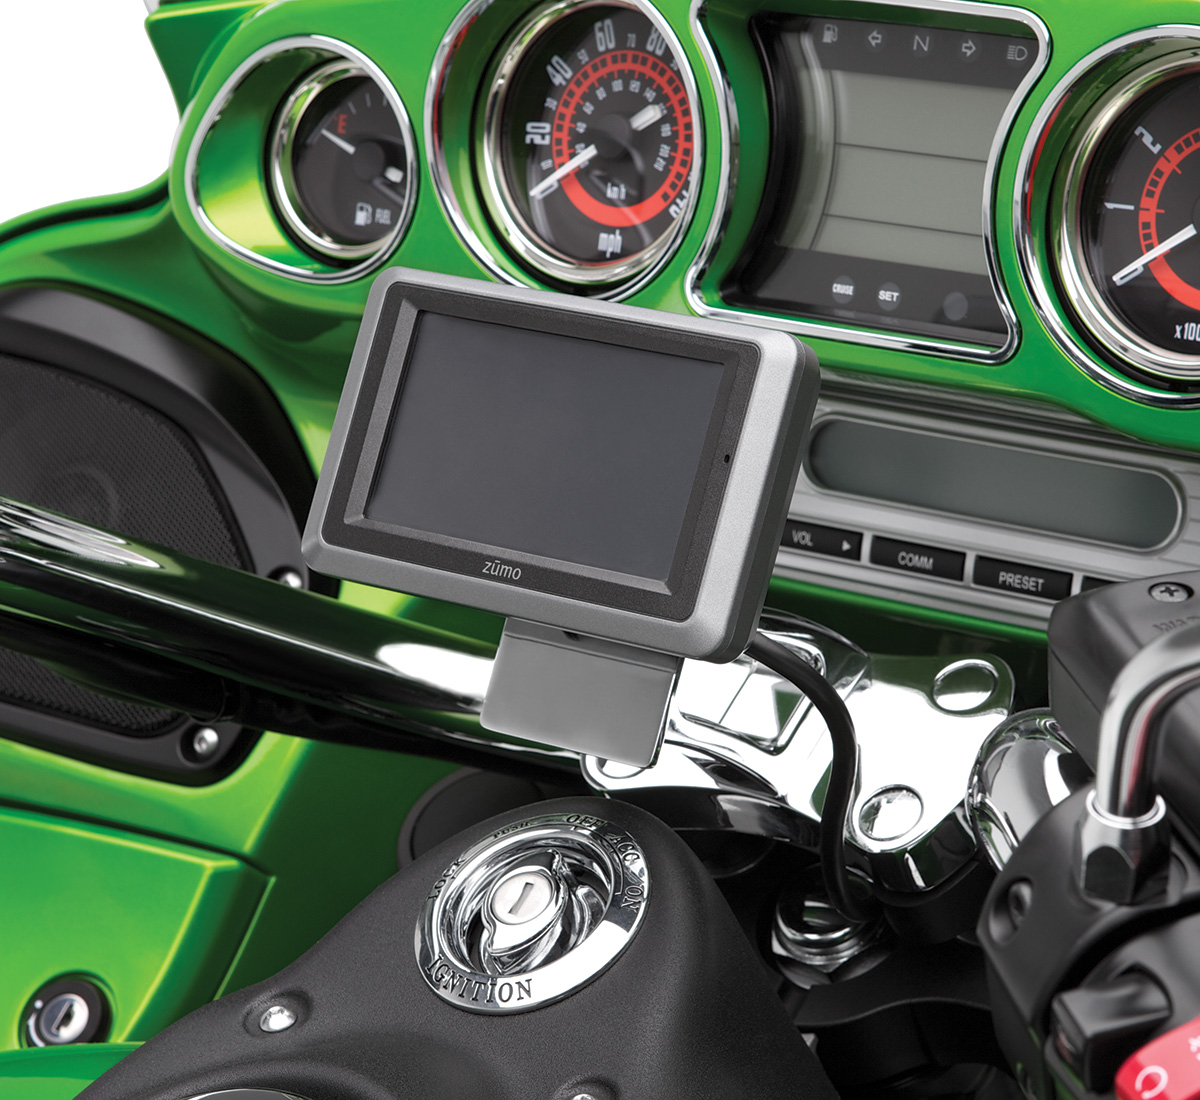 Kawasaki Vaquero Owner Reviews